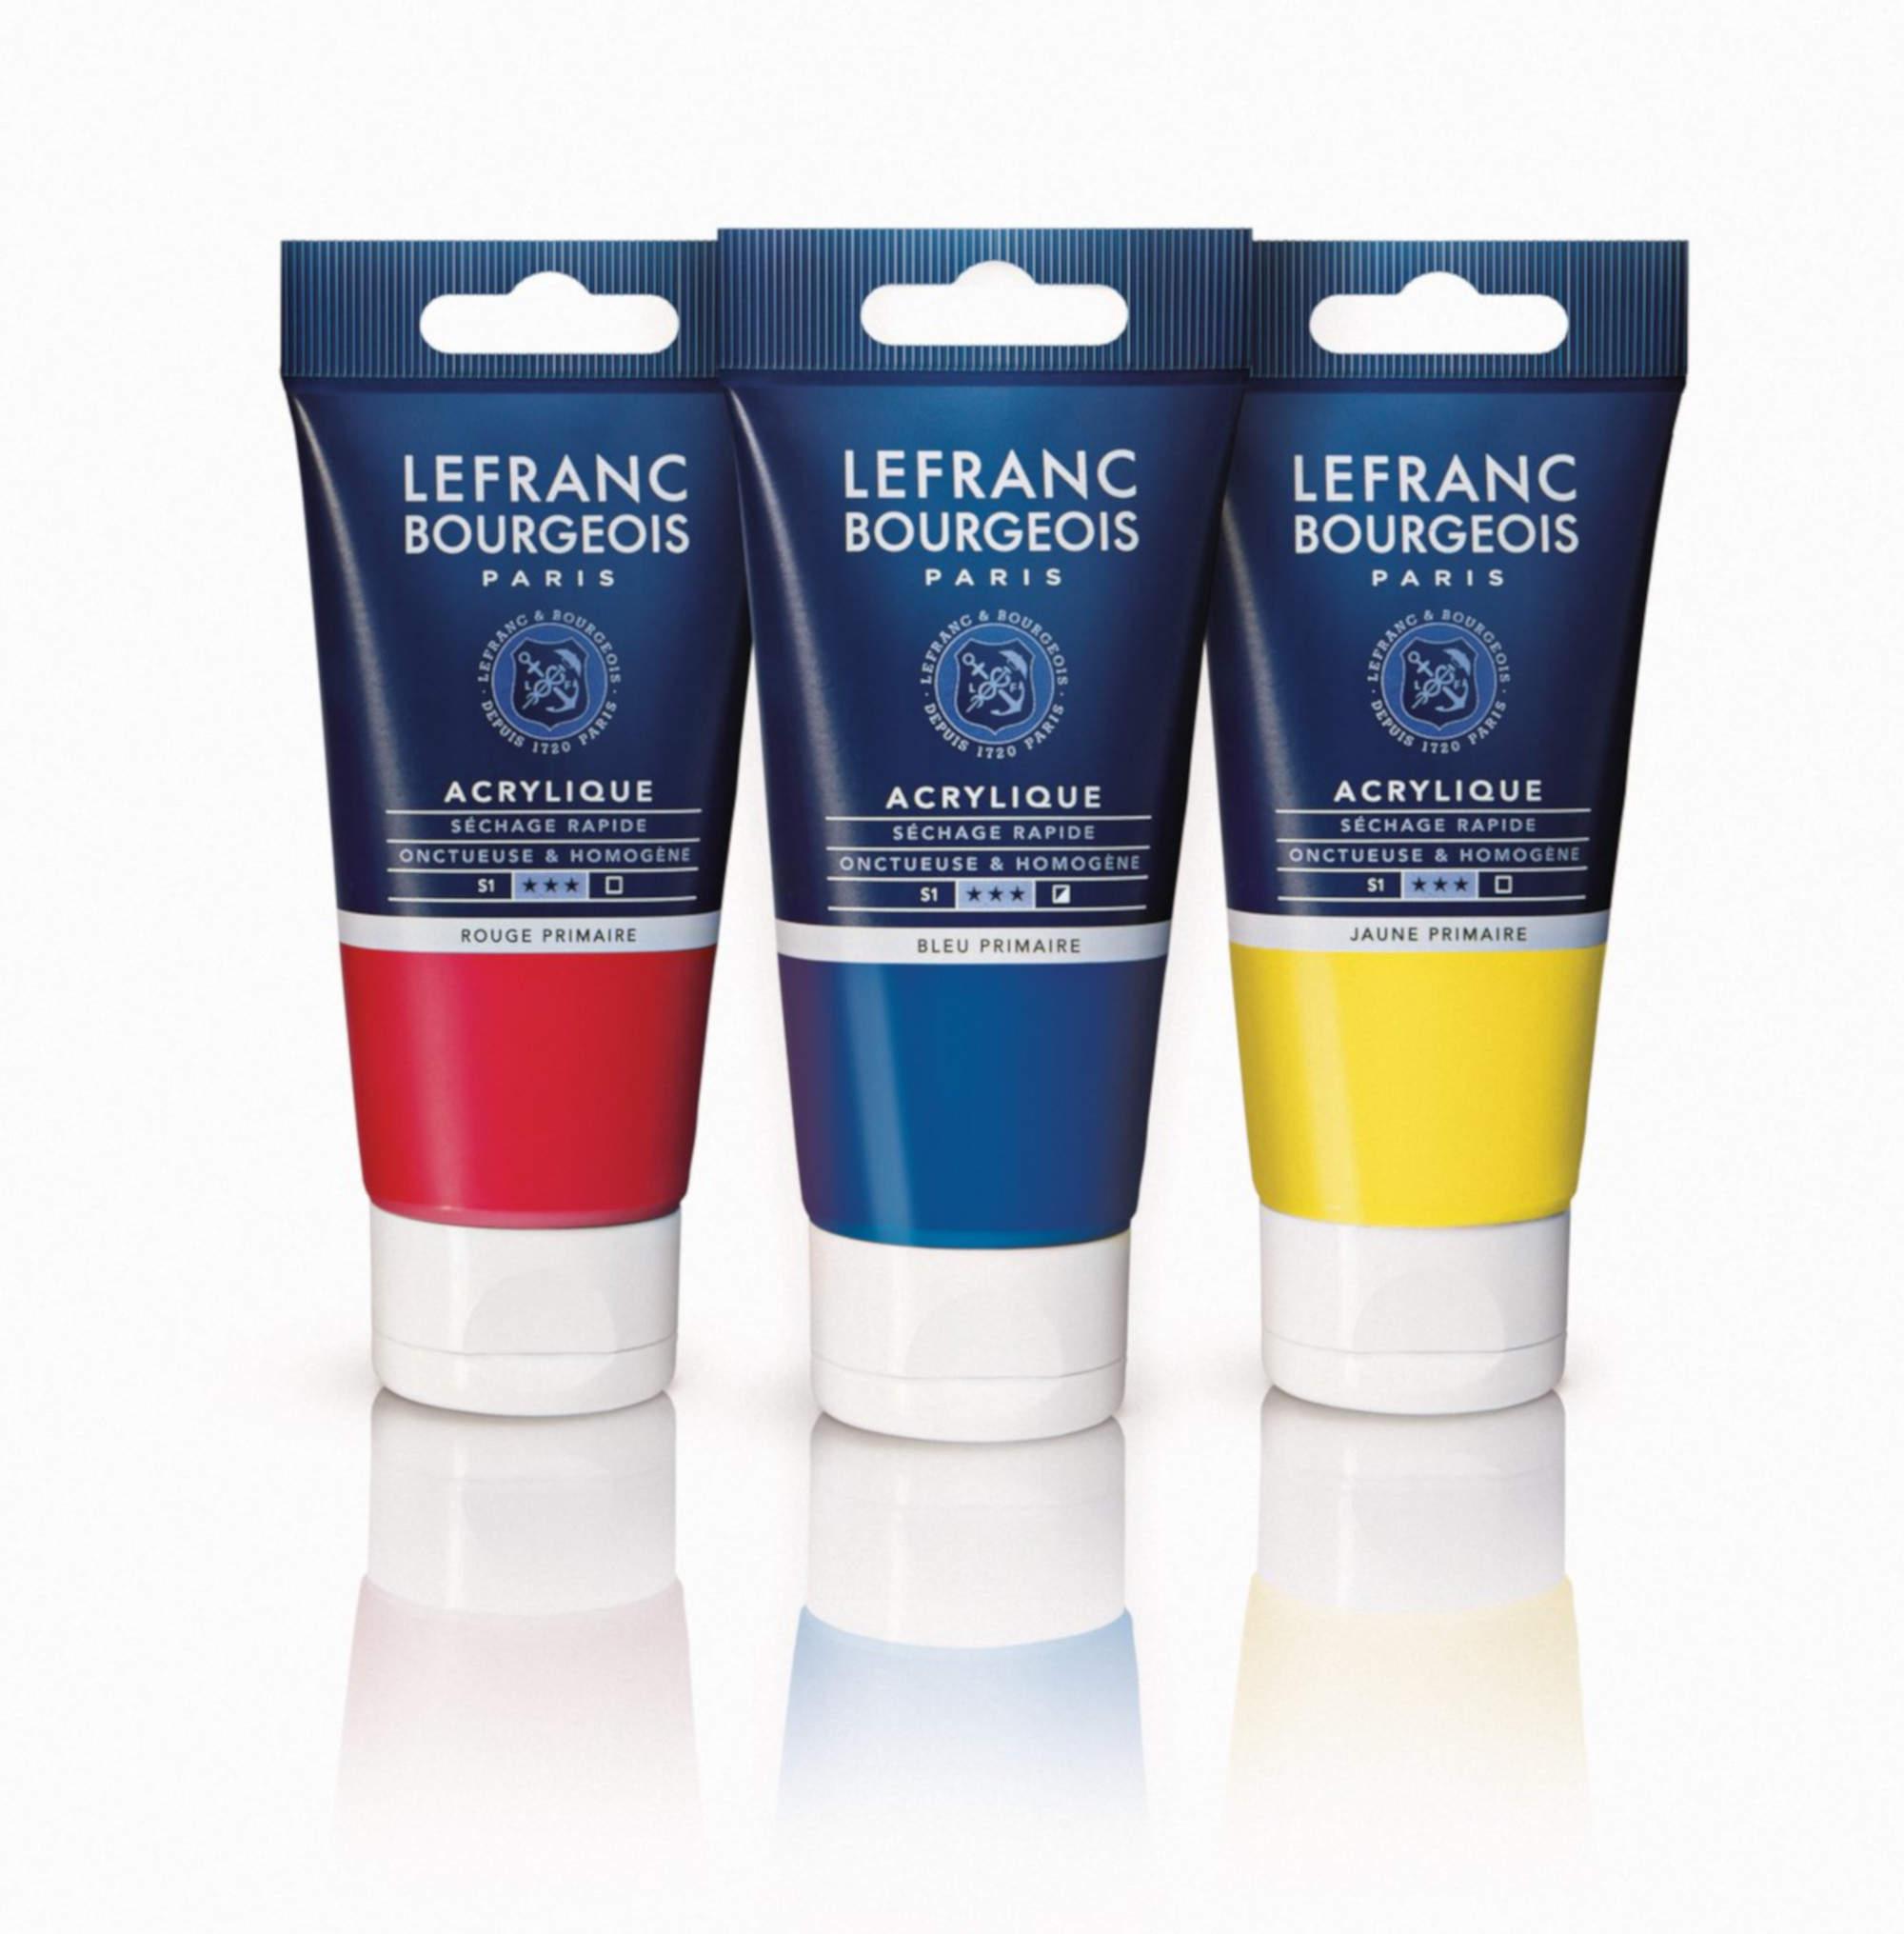 Tubes acrylique fine Lefranc Bourgeois